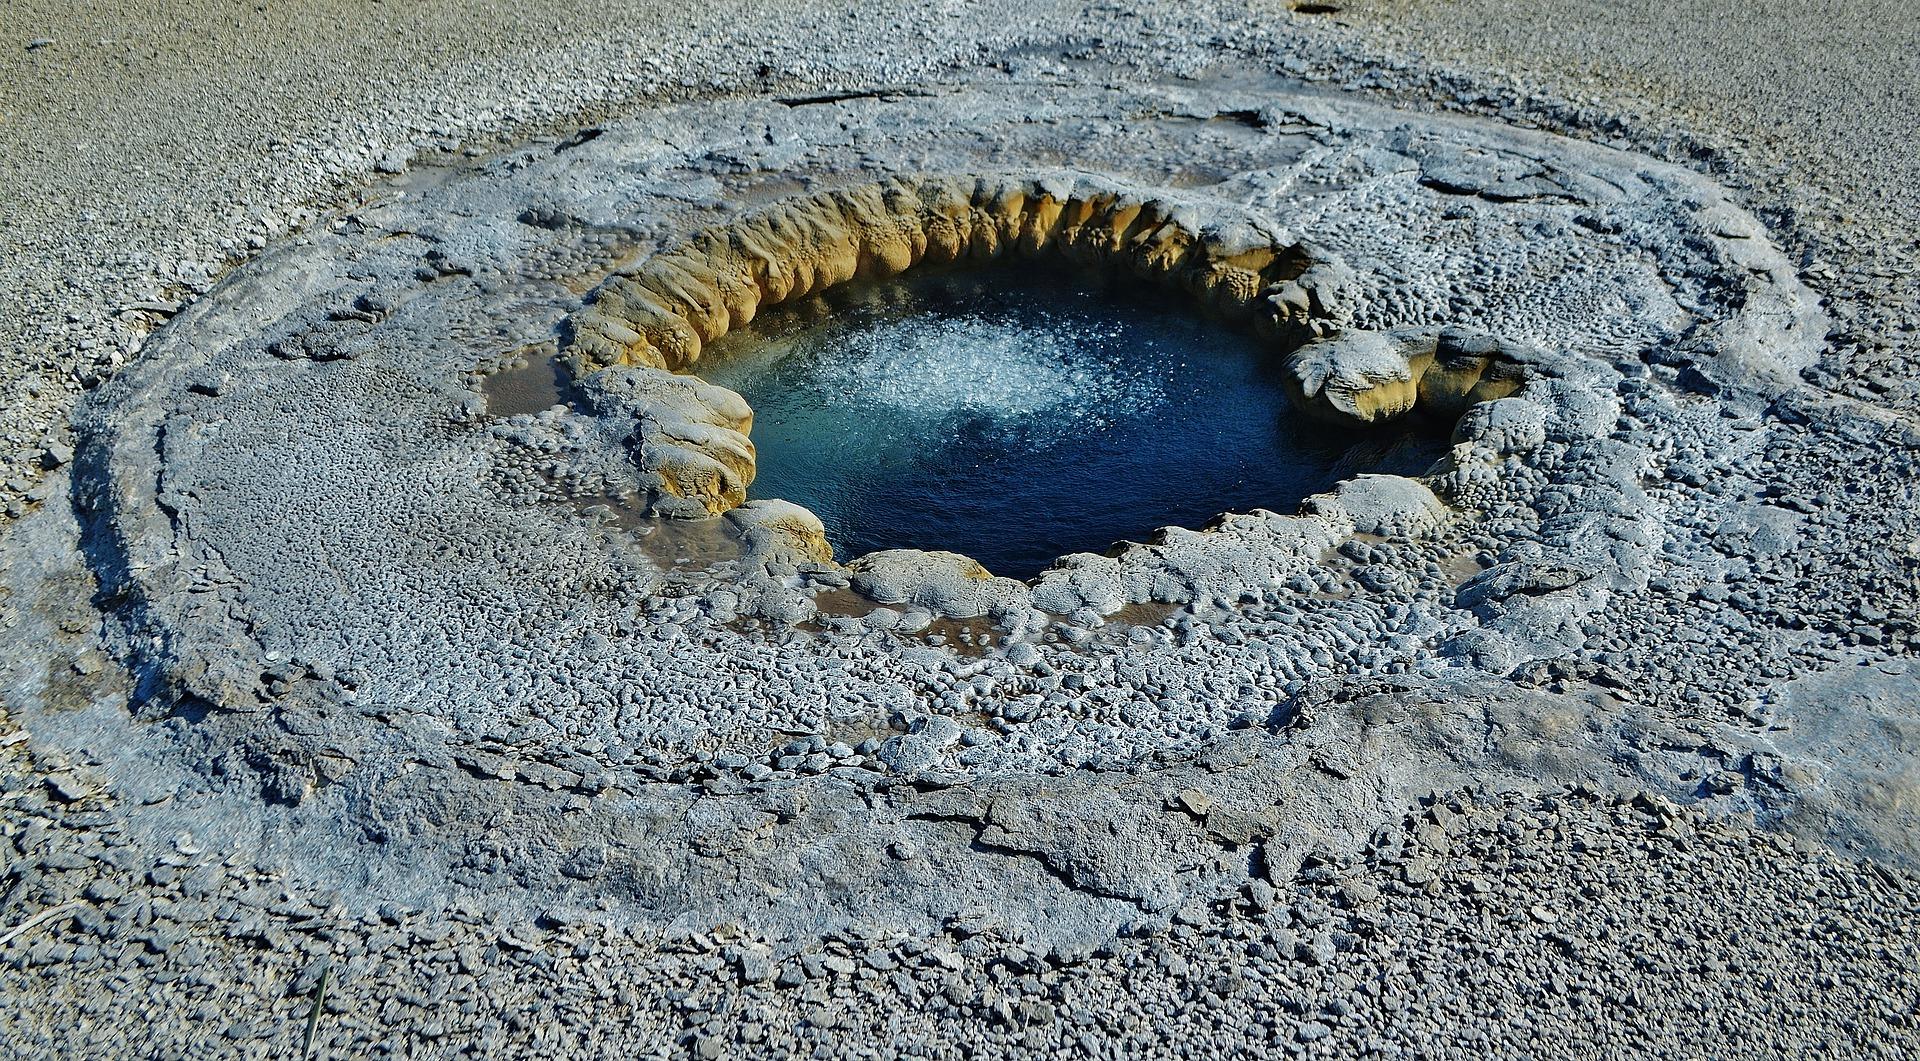 geysers-5441103_1920